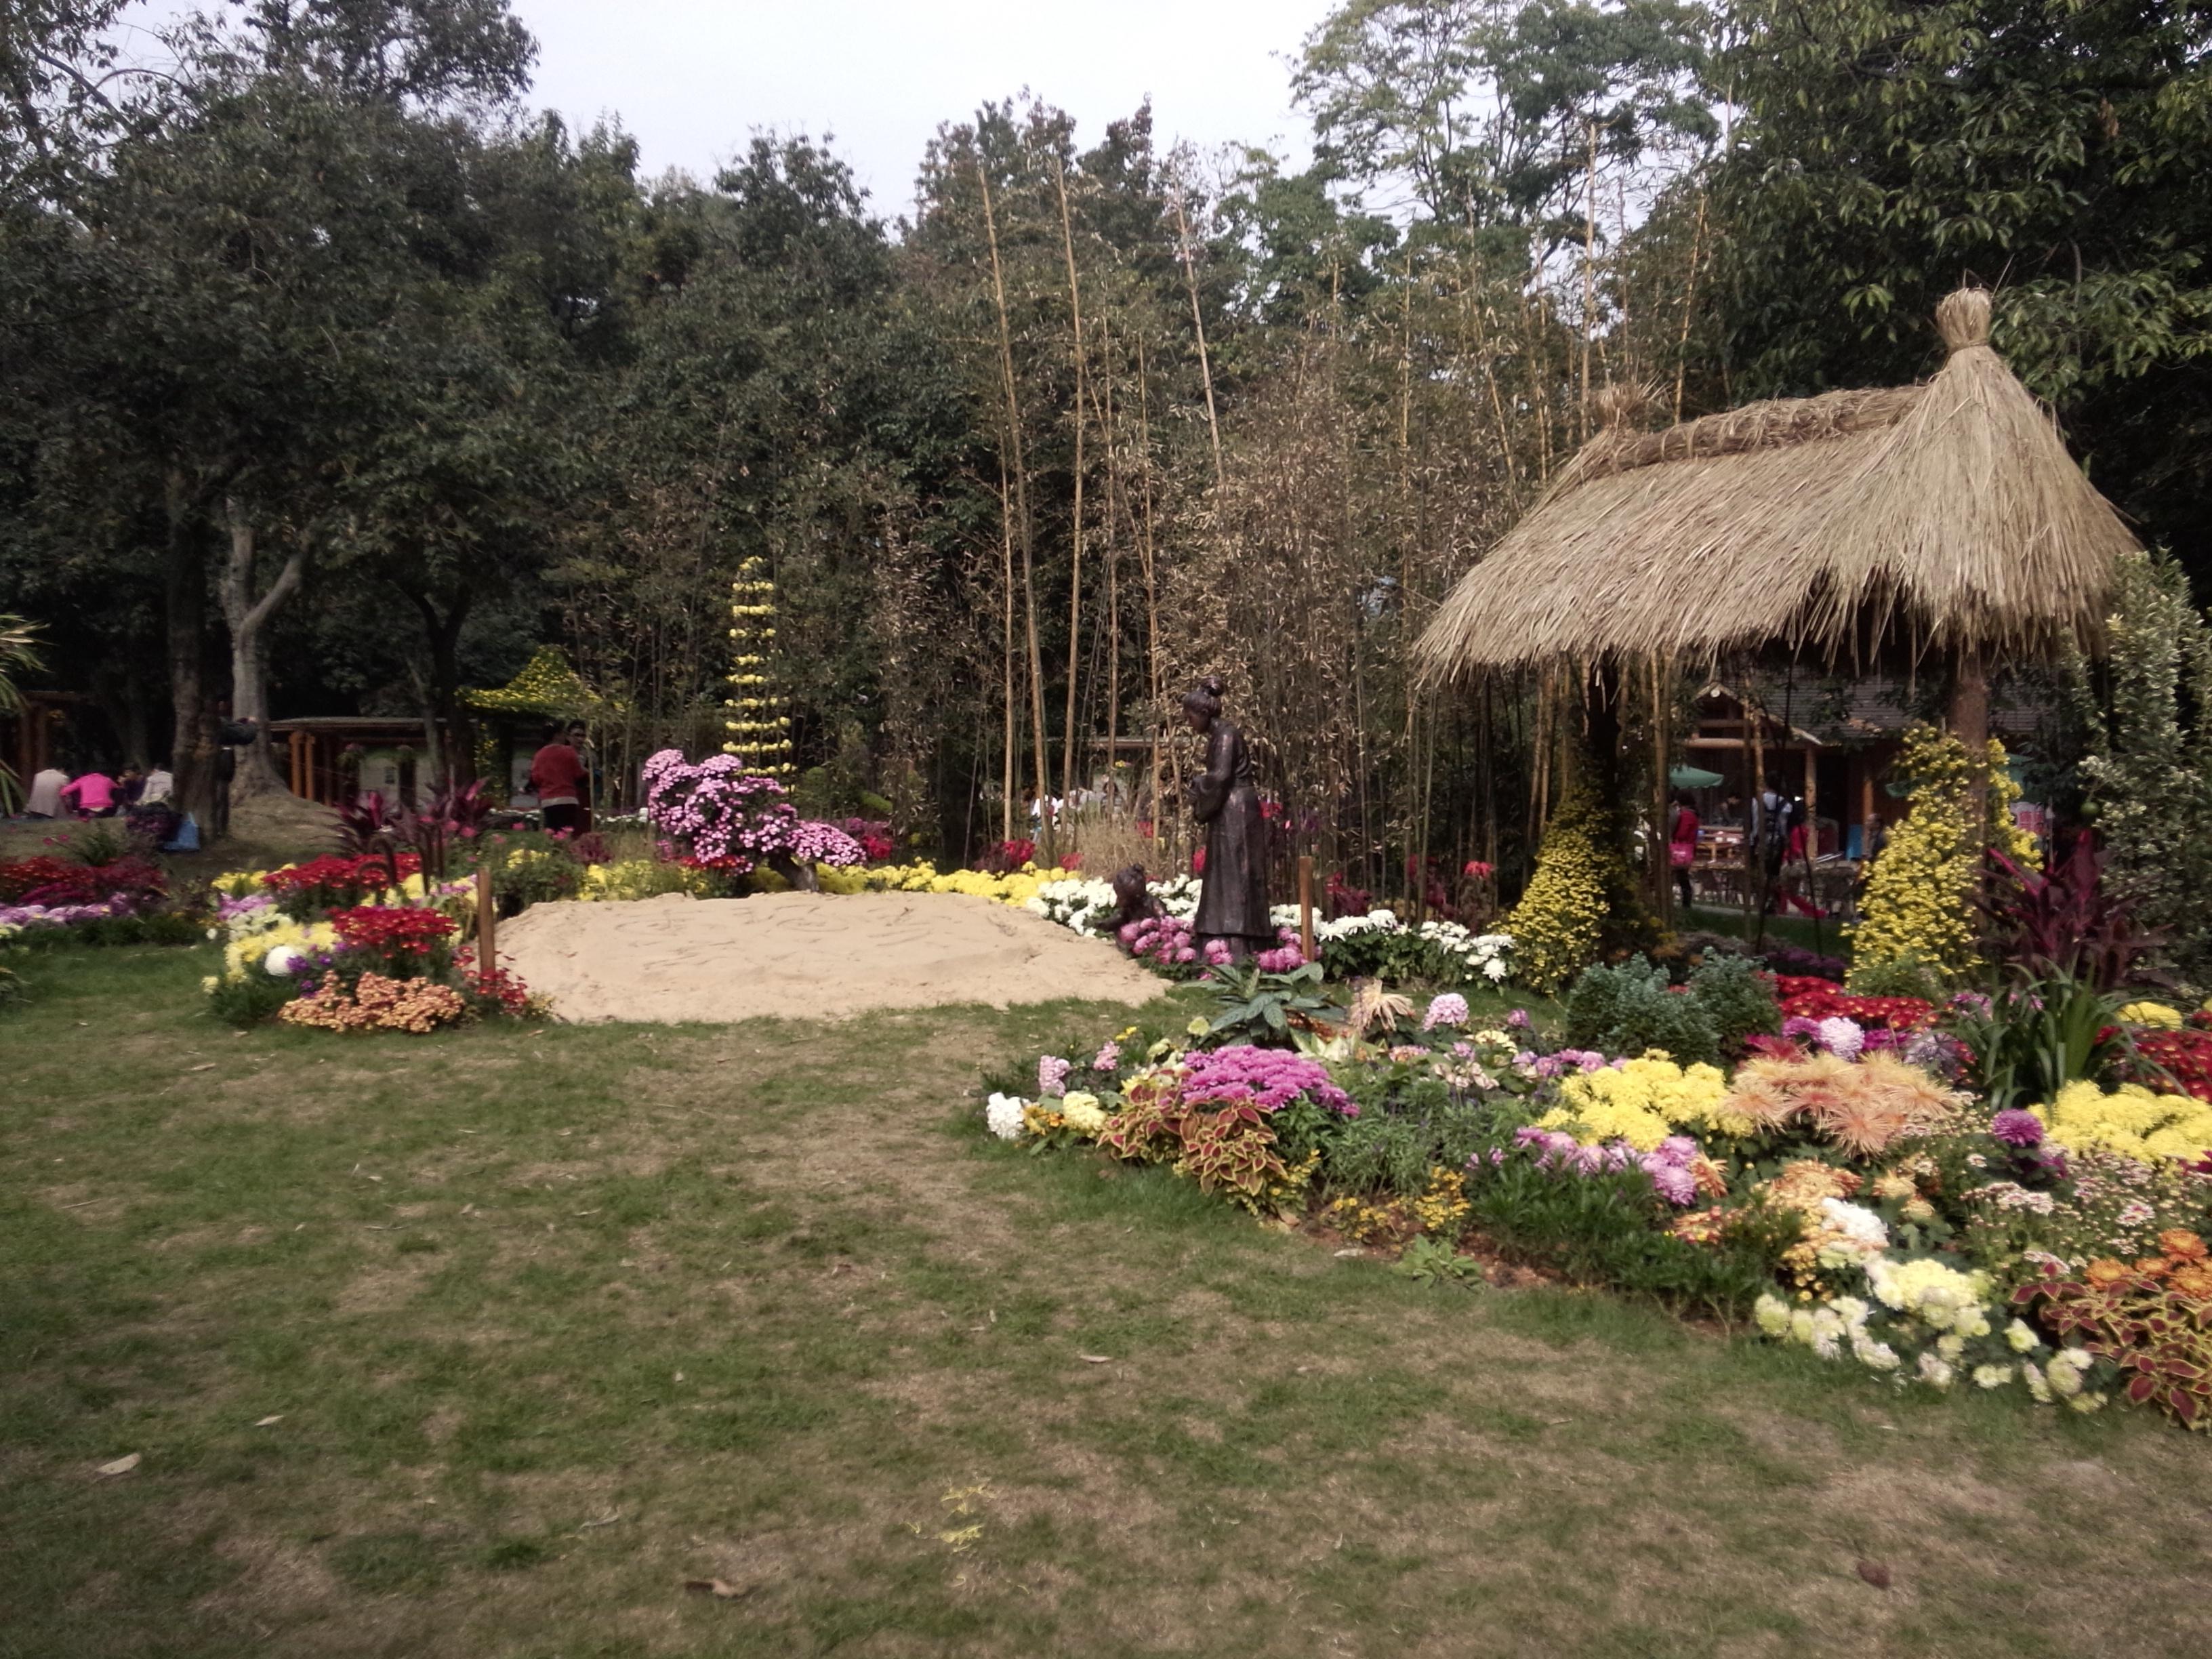 稻草房子的设计,加上农家院子的感觉